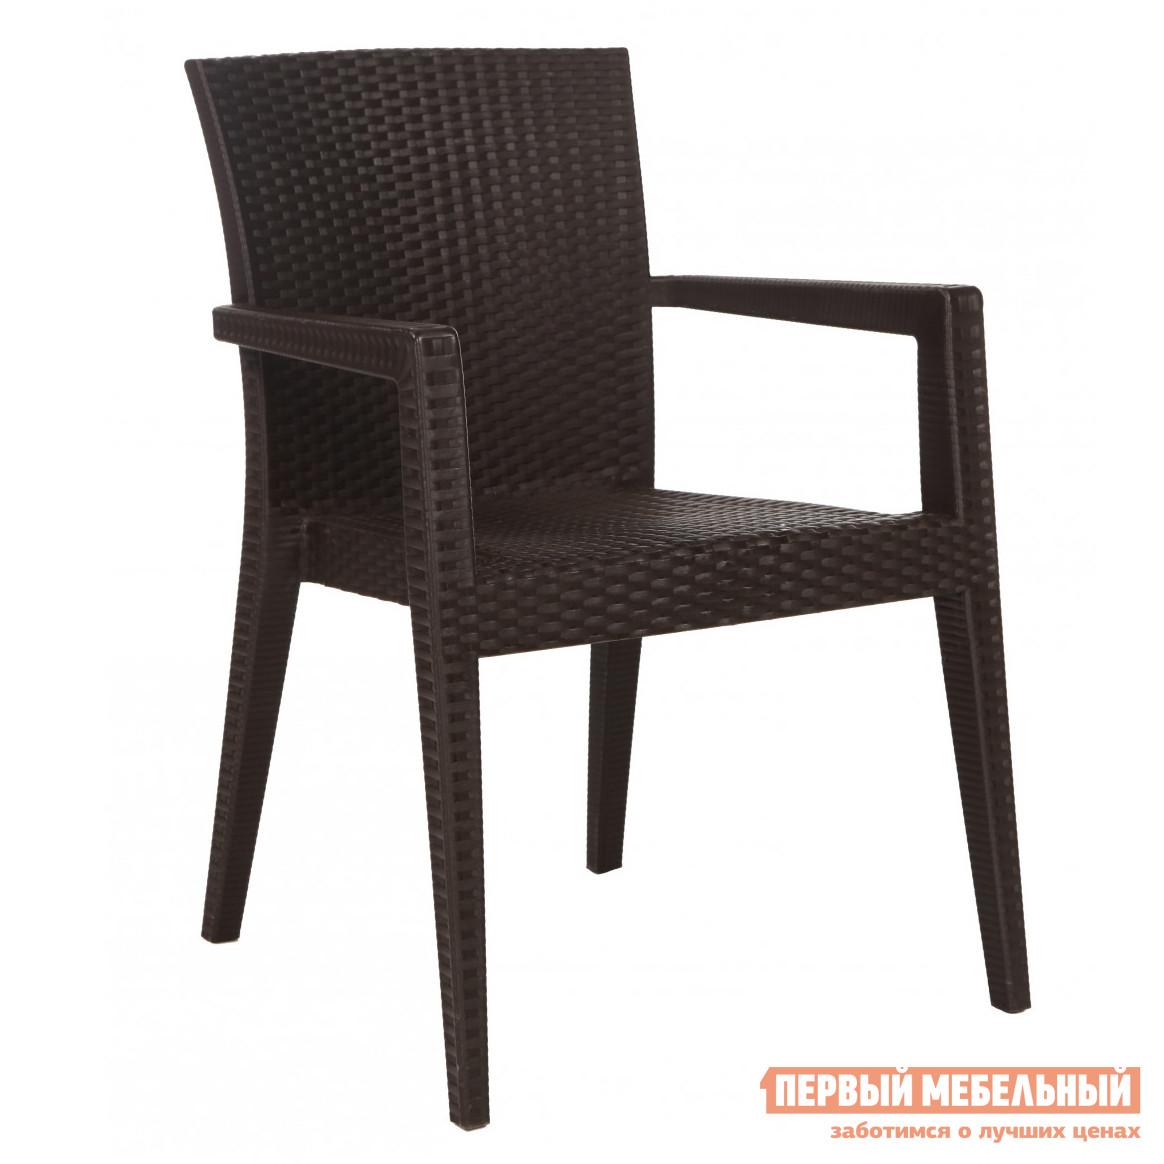 Садовое кресло Рихаус Кресло пластиковое Montana DEL/MON/ARM/F